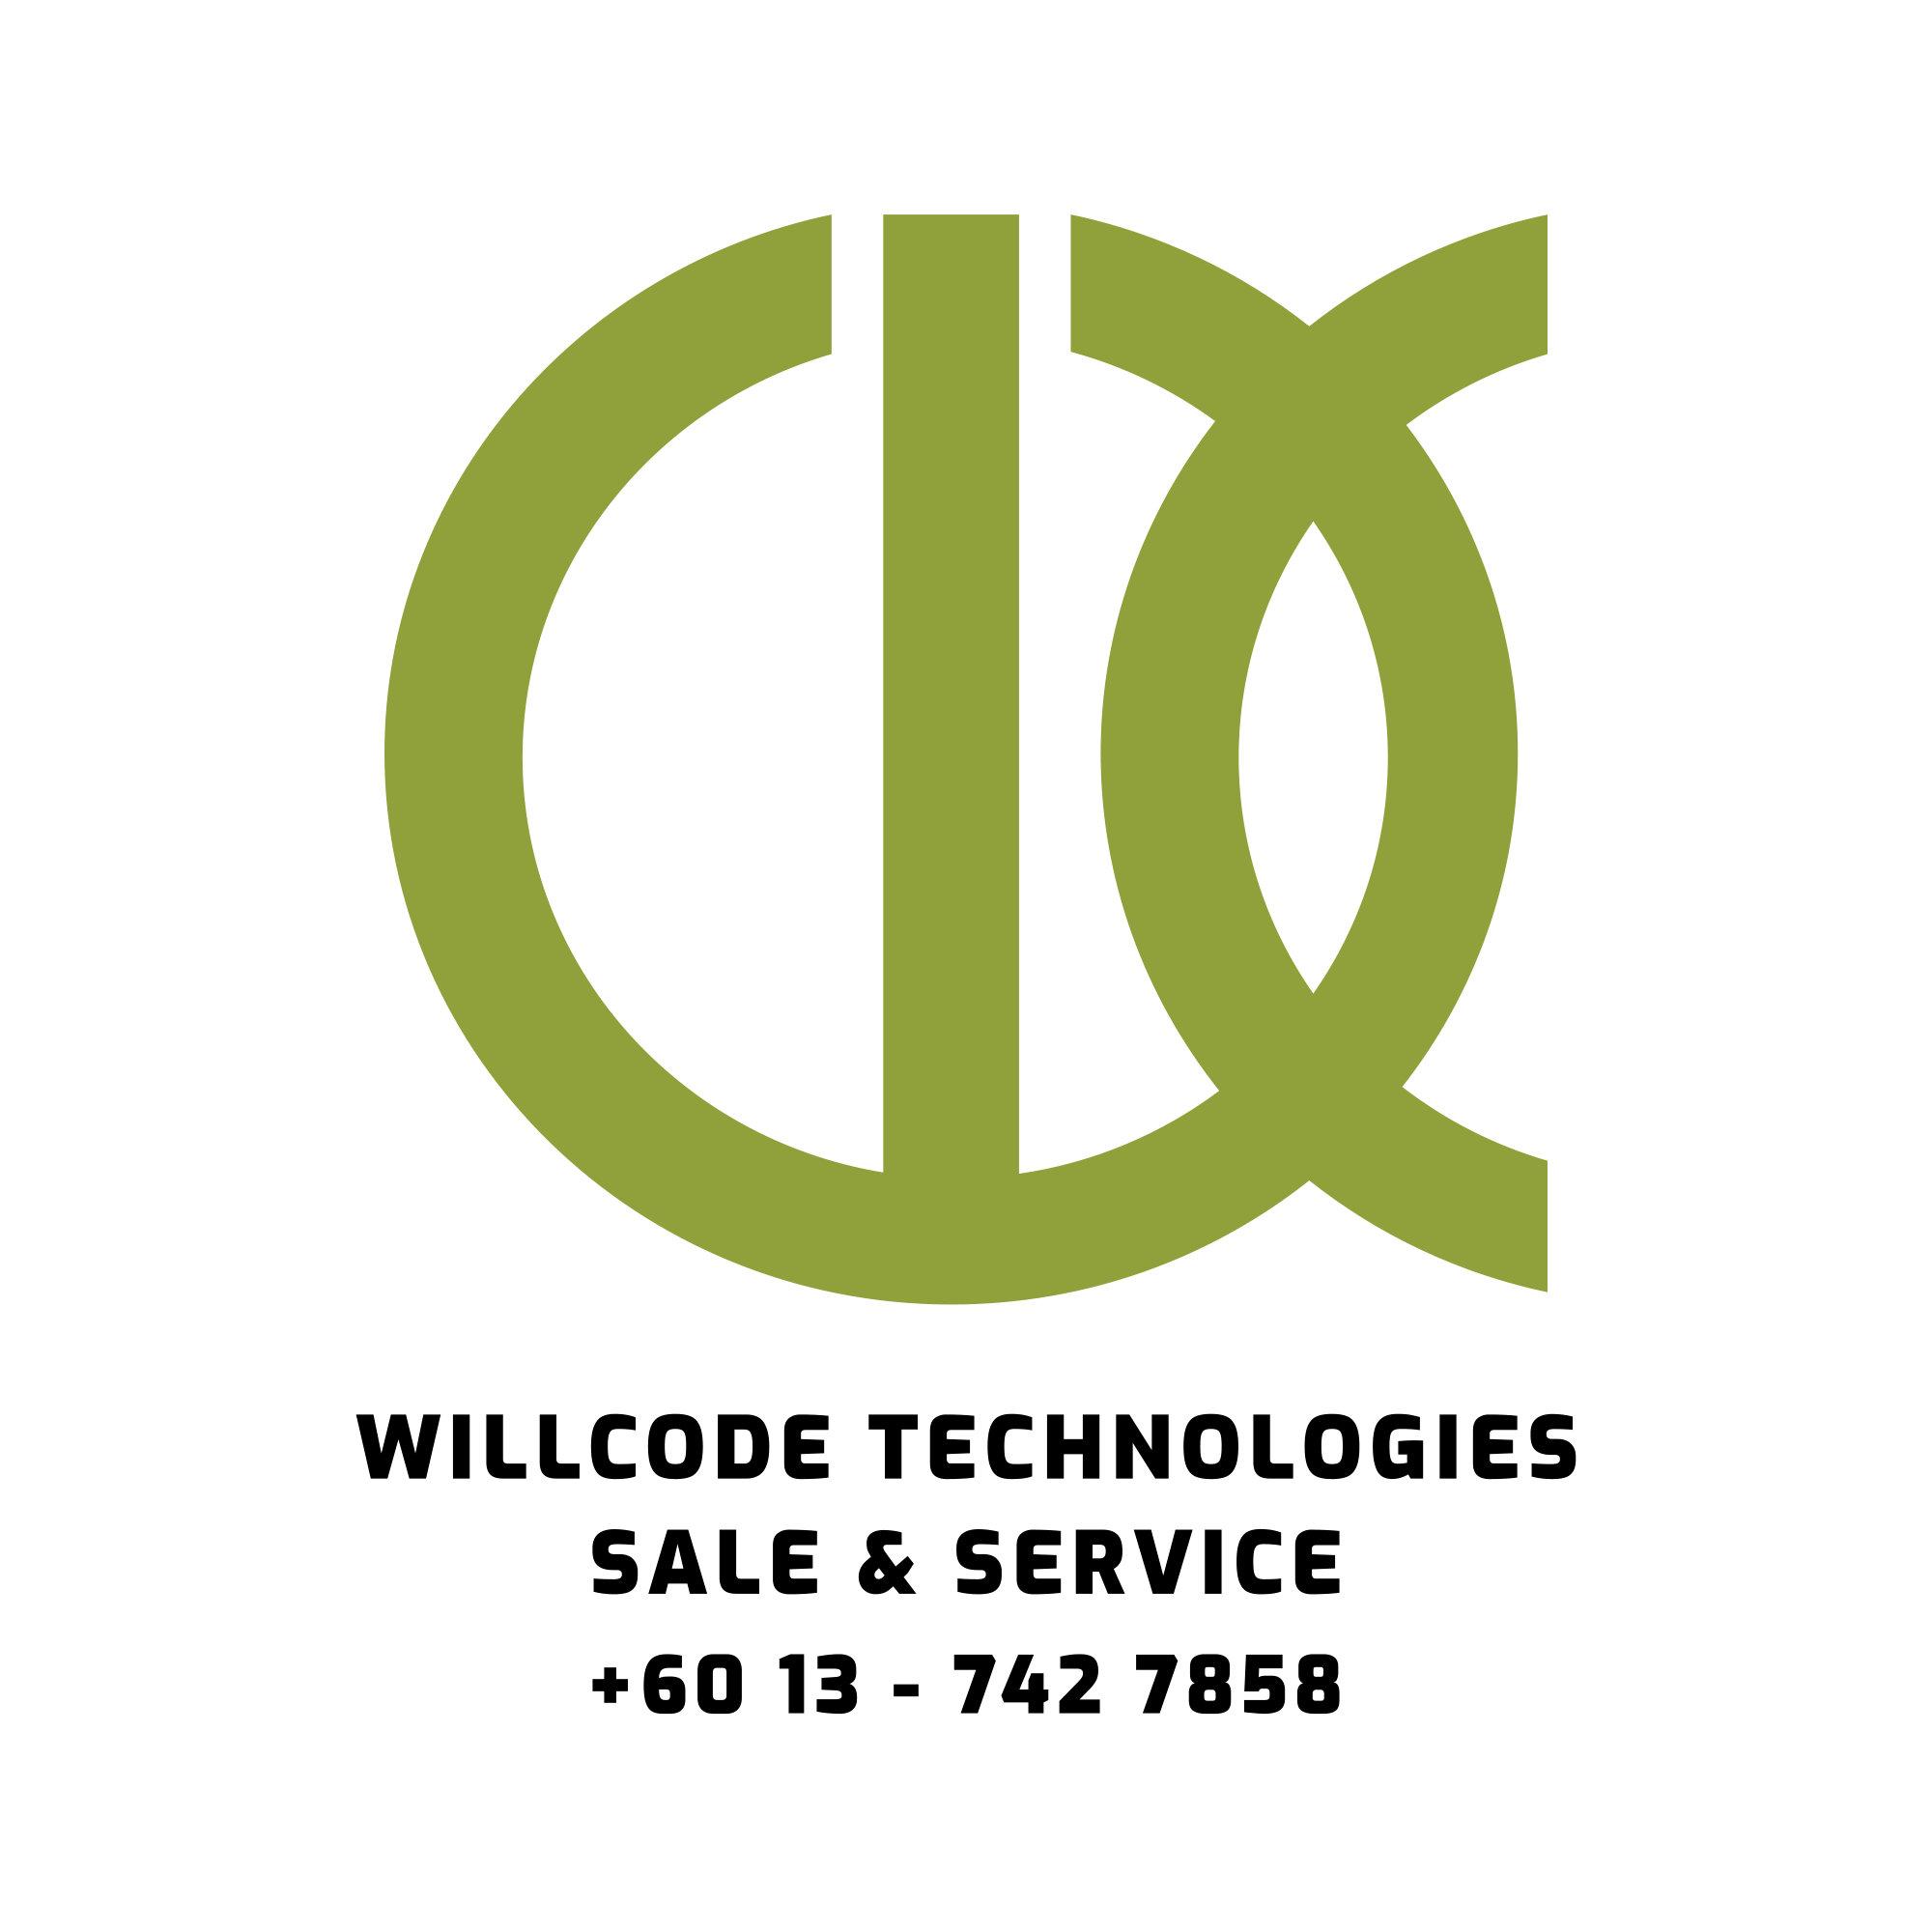 峇株巴辖电脑销售电脑维修与软件供应服务 - 提供峇株巴辖上门服务 Willcode Technologies Sale and Service Logo A01